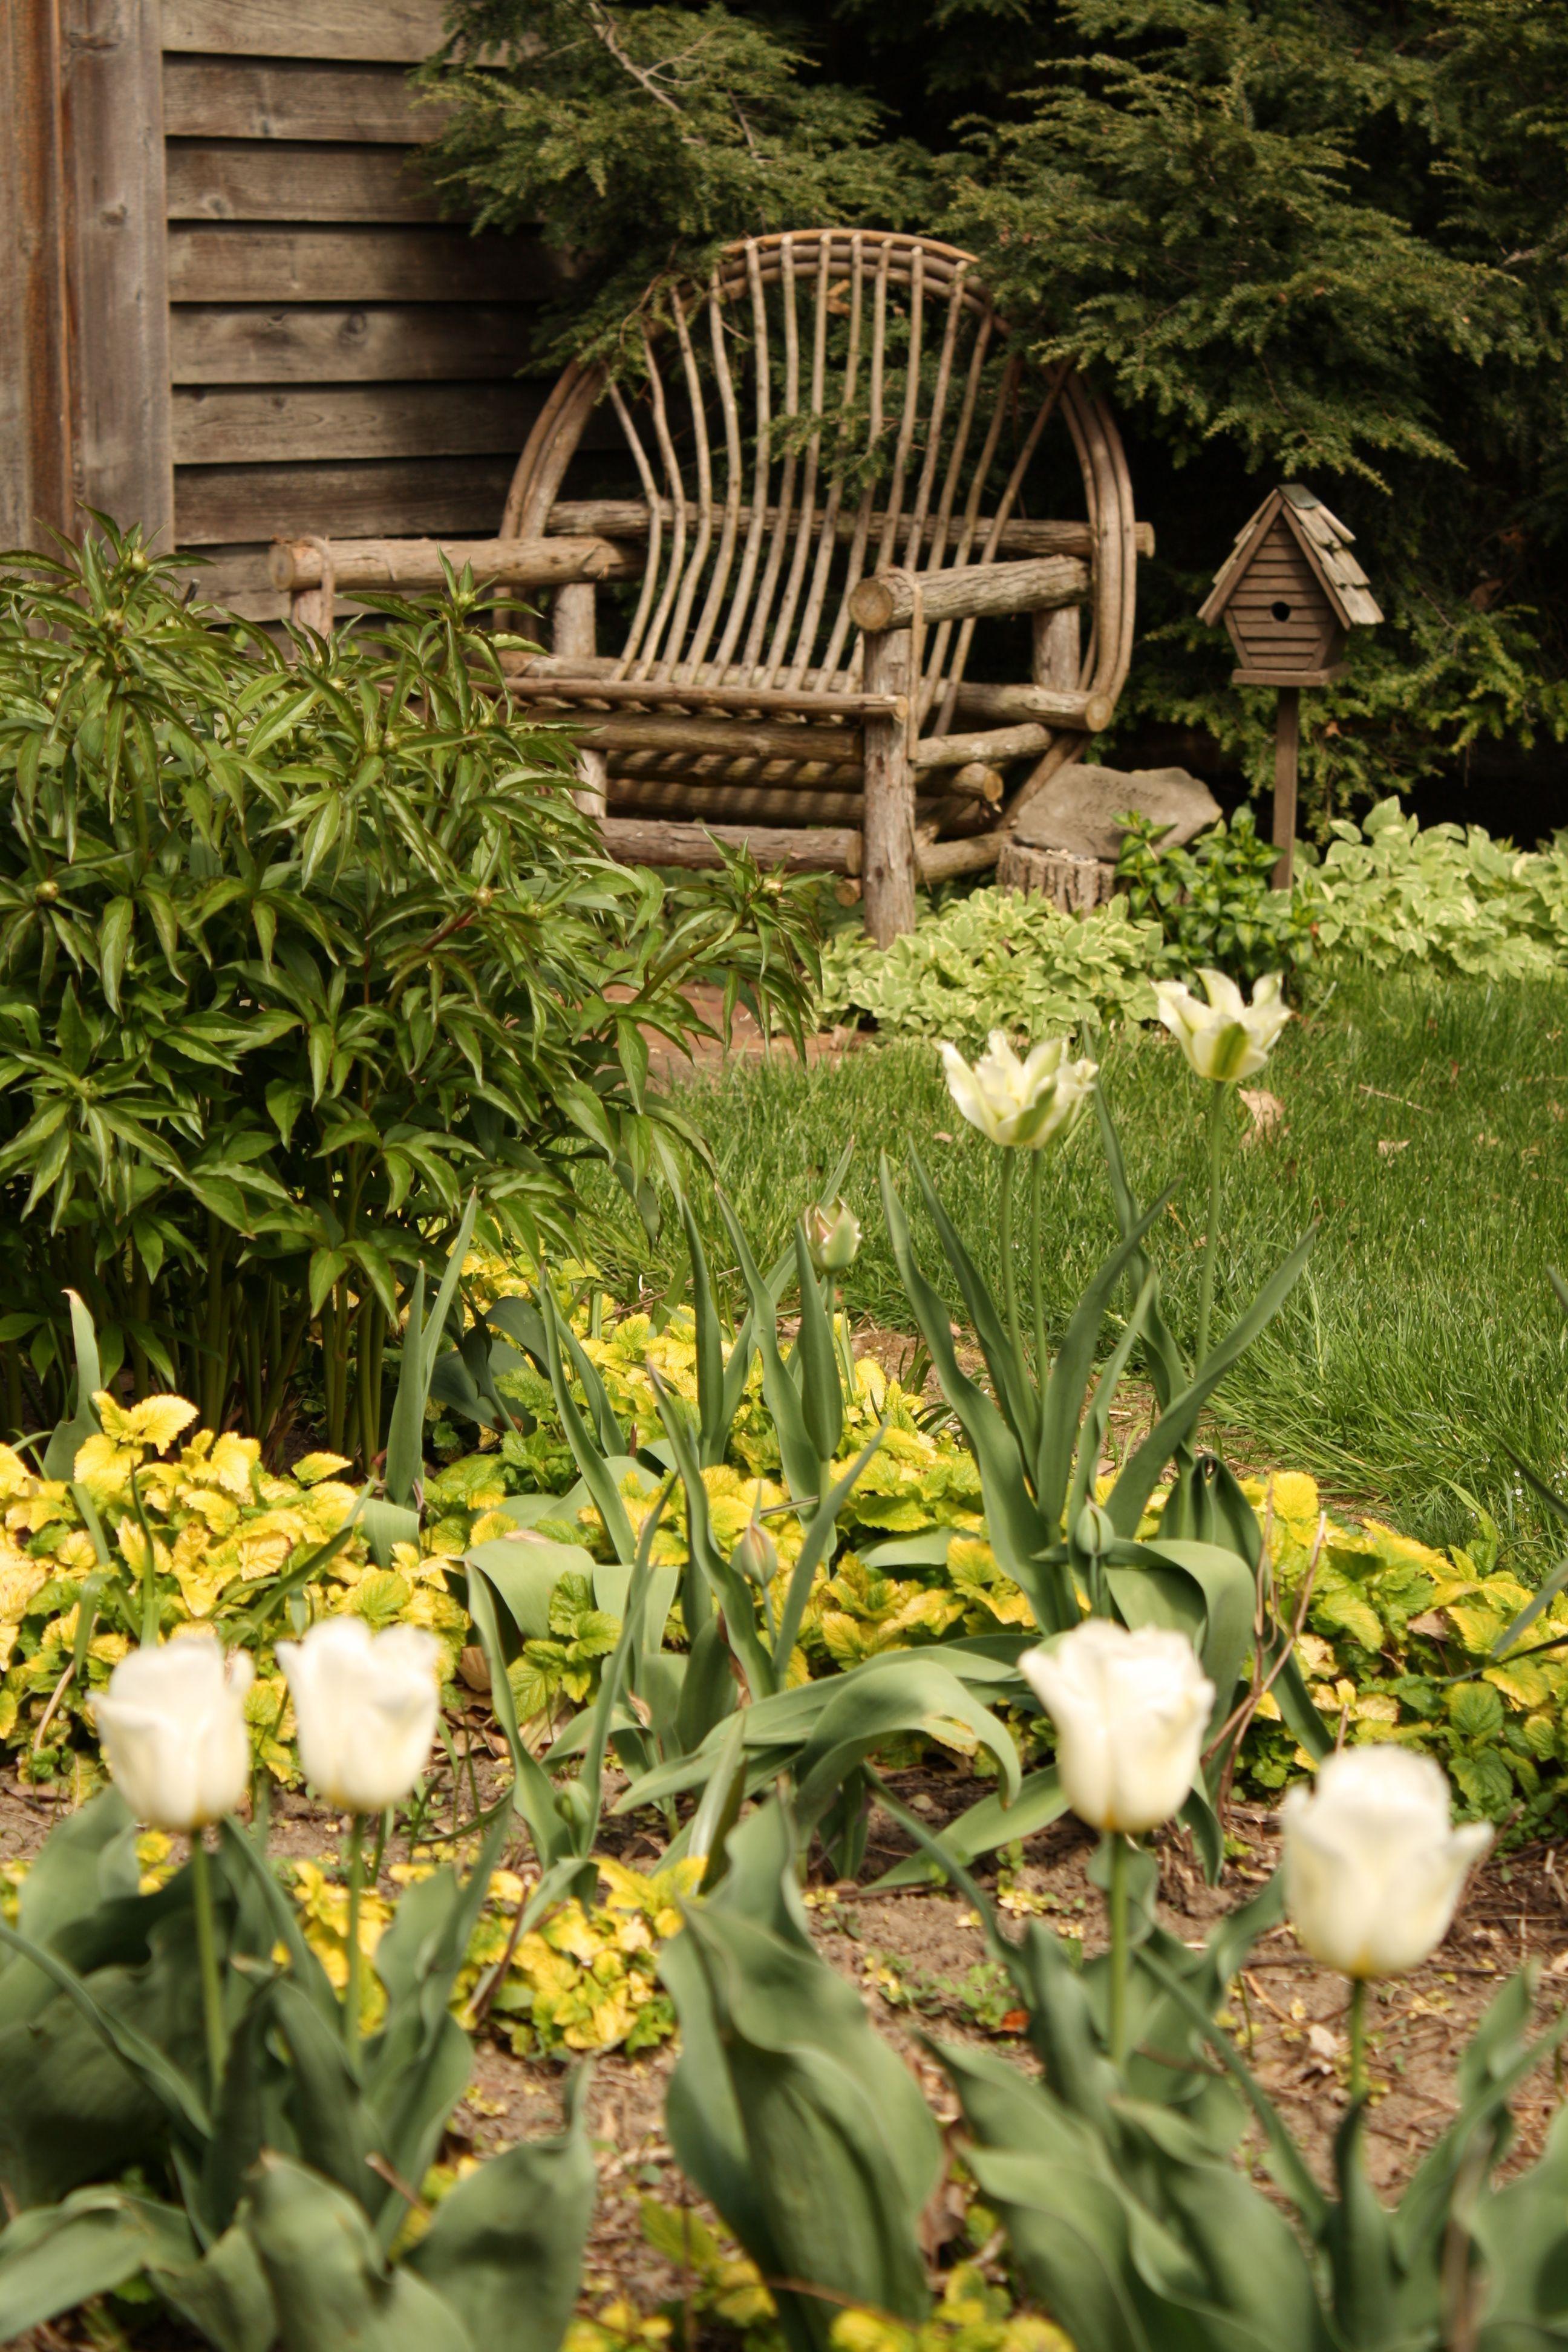 5 Enterprising Hacks Garden Ideas Cheap Nesting Boxes backyard garden lights ou 5 Enterprising Hacks Garden Ideas Cheap Nesting Boxes backyard garden lights ou